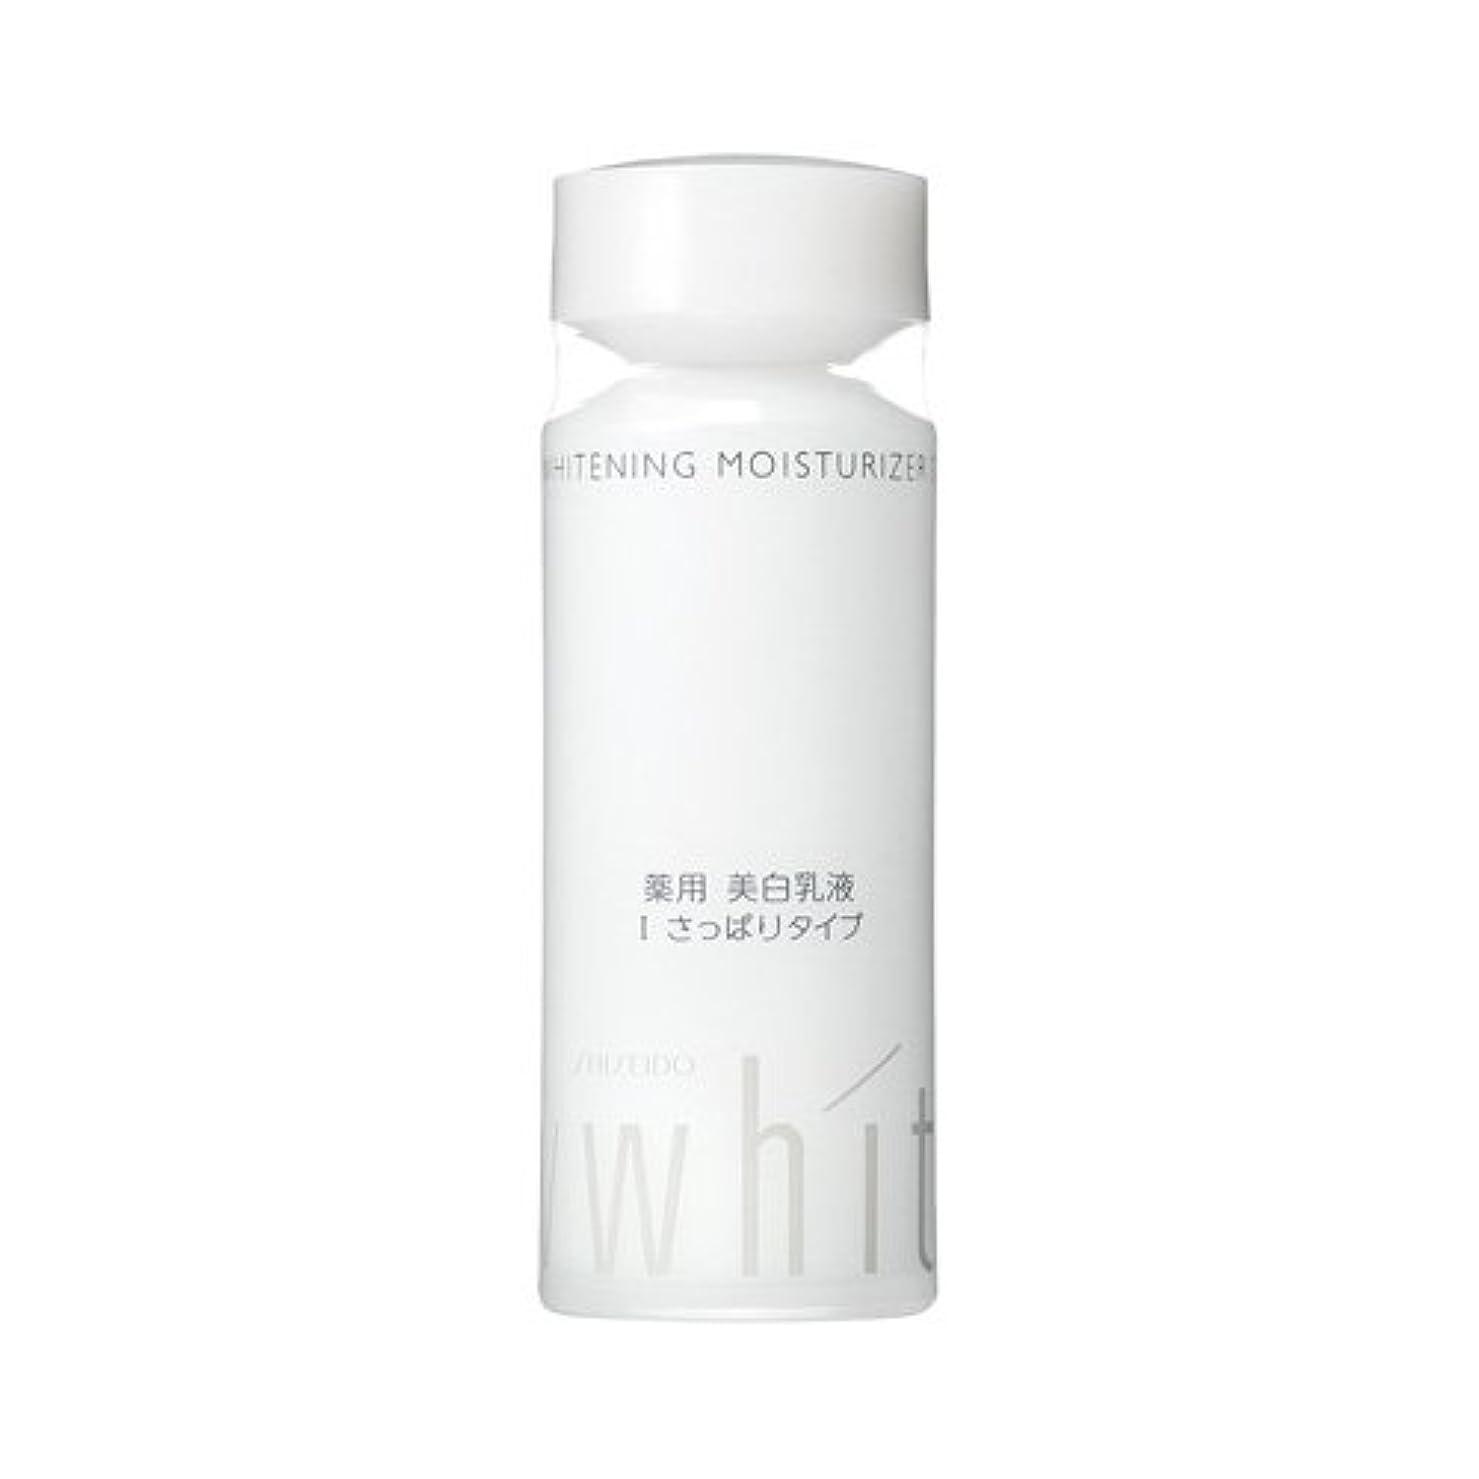 崇拝します信じる攻撃的ユーヴィーホワイト ホワイトニング モイスチャーライザーⅠ 乳液(夜用) 100ml